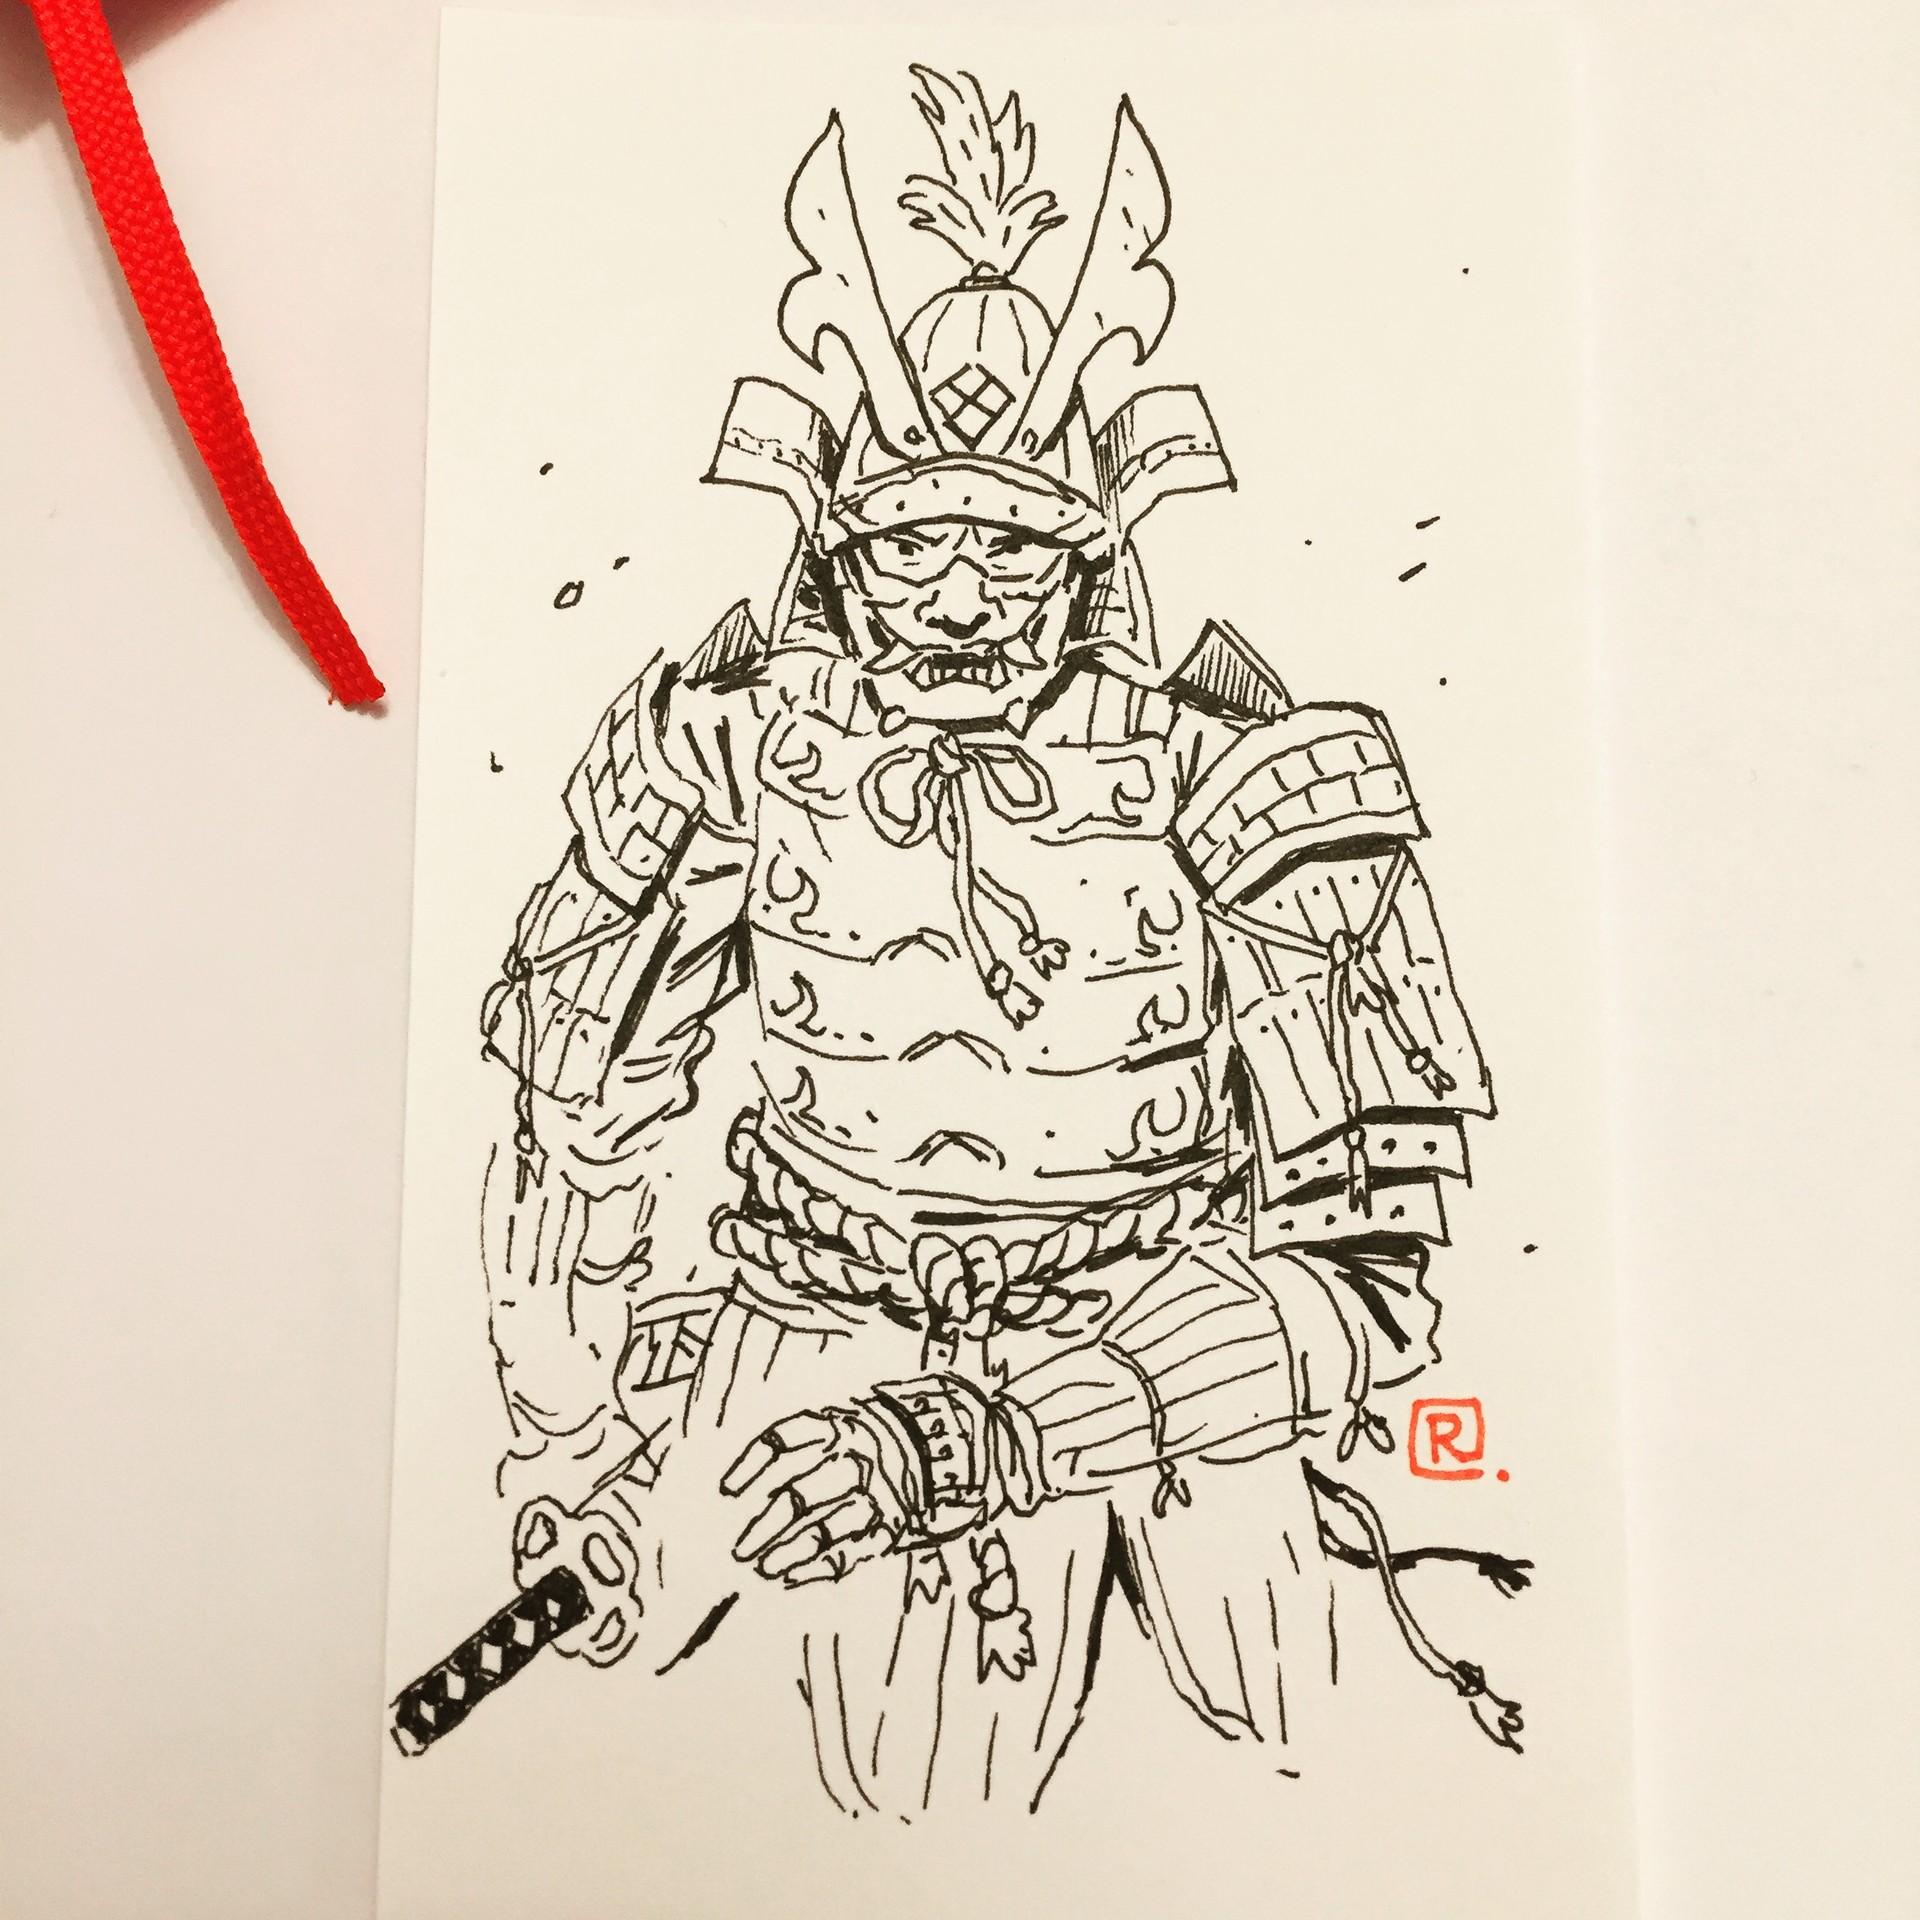 Artstation Samurai Sketches Darren Rawlings